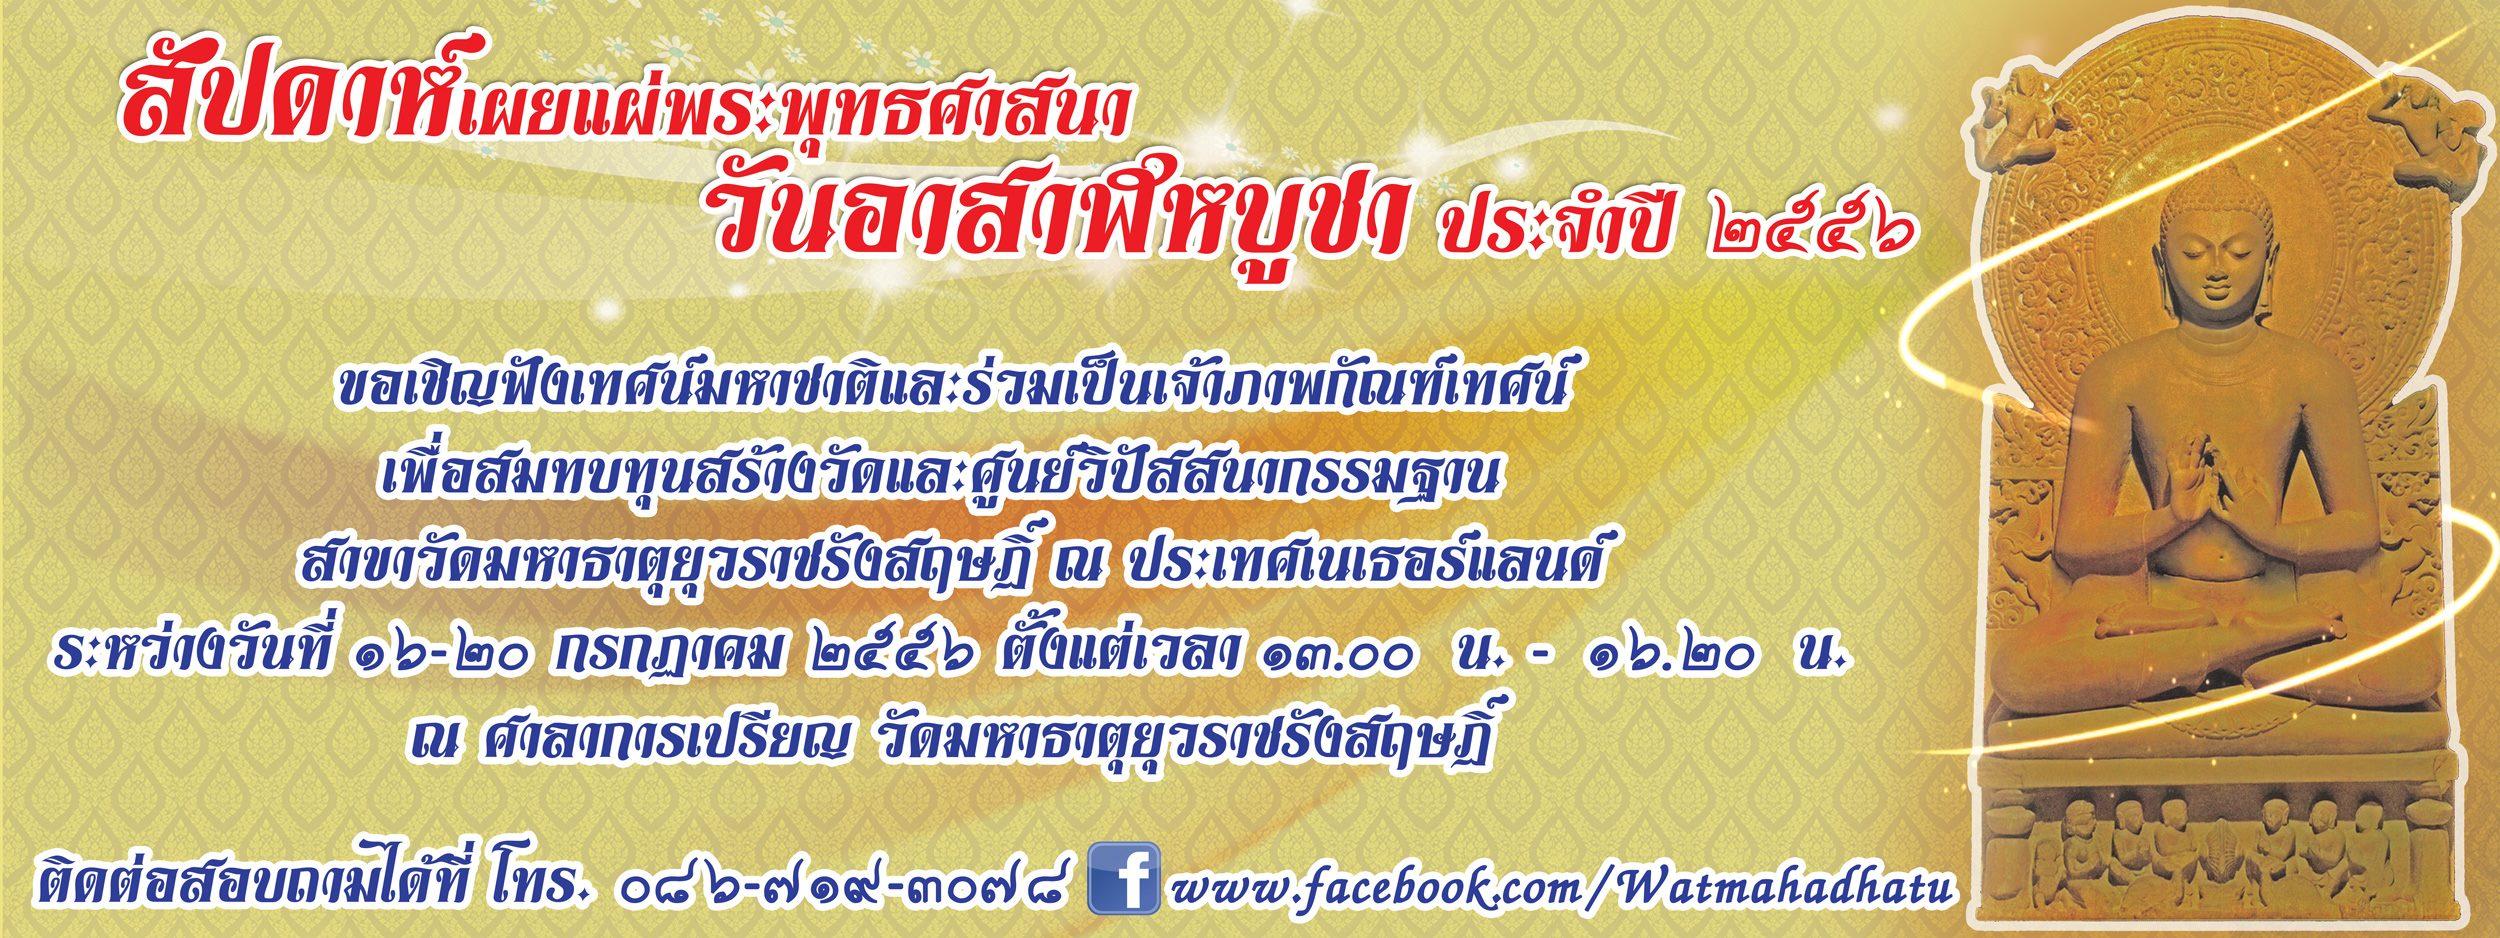 Mahachat Chadok Wat Mahathat